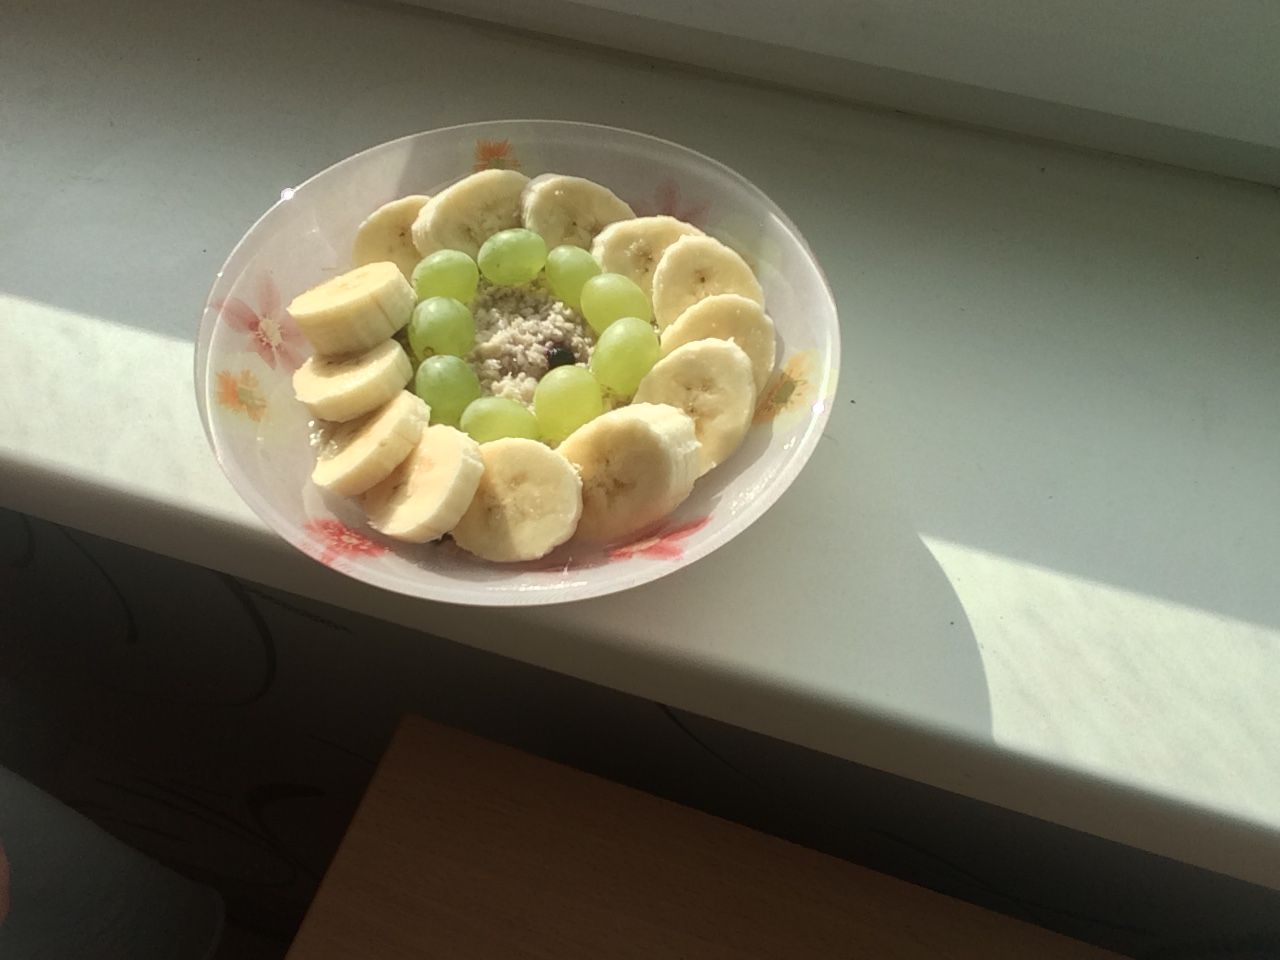 Супер полезный утренний завтрак! Овсянка с бананом и виноградом! Советую есть каждый день!